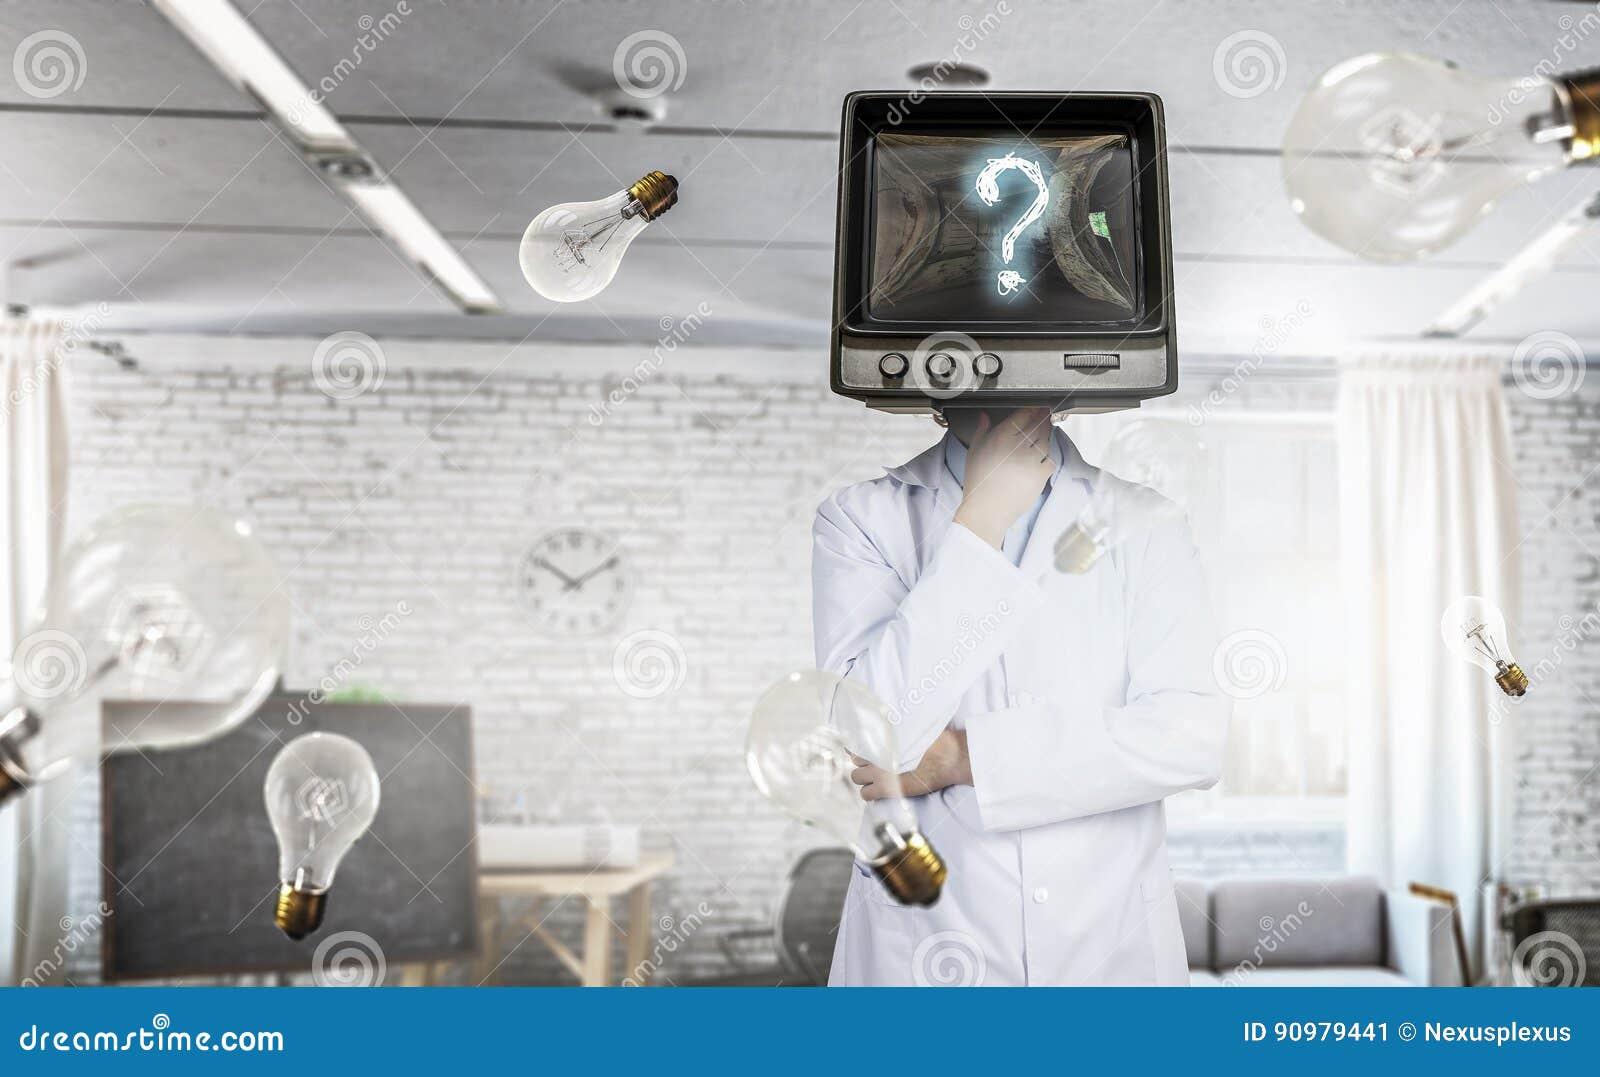 Doktor mit Fernsehen anstelle des Kopfes Gemischte Medien Gemischte Medien